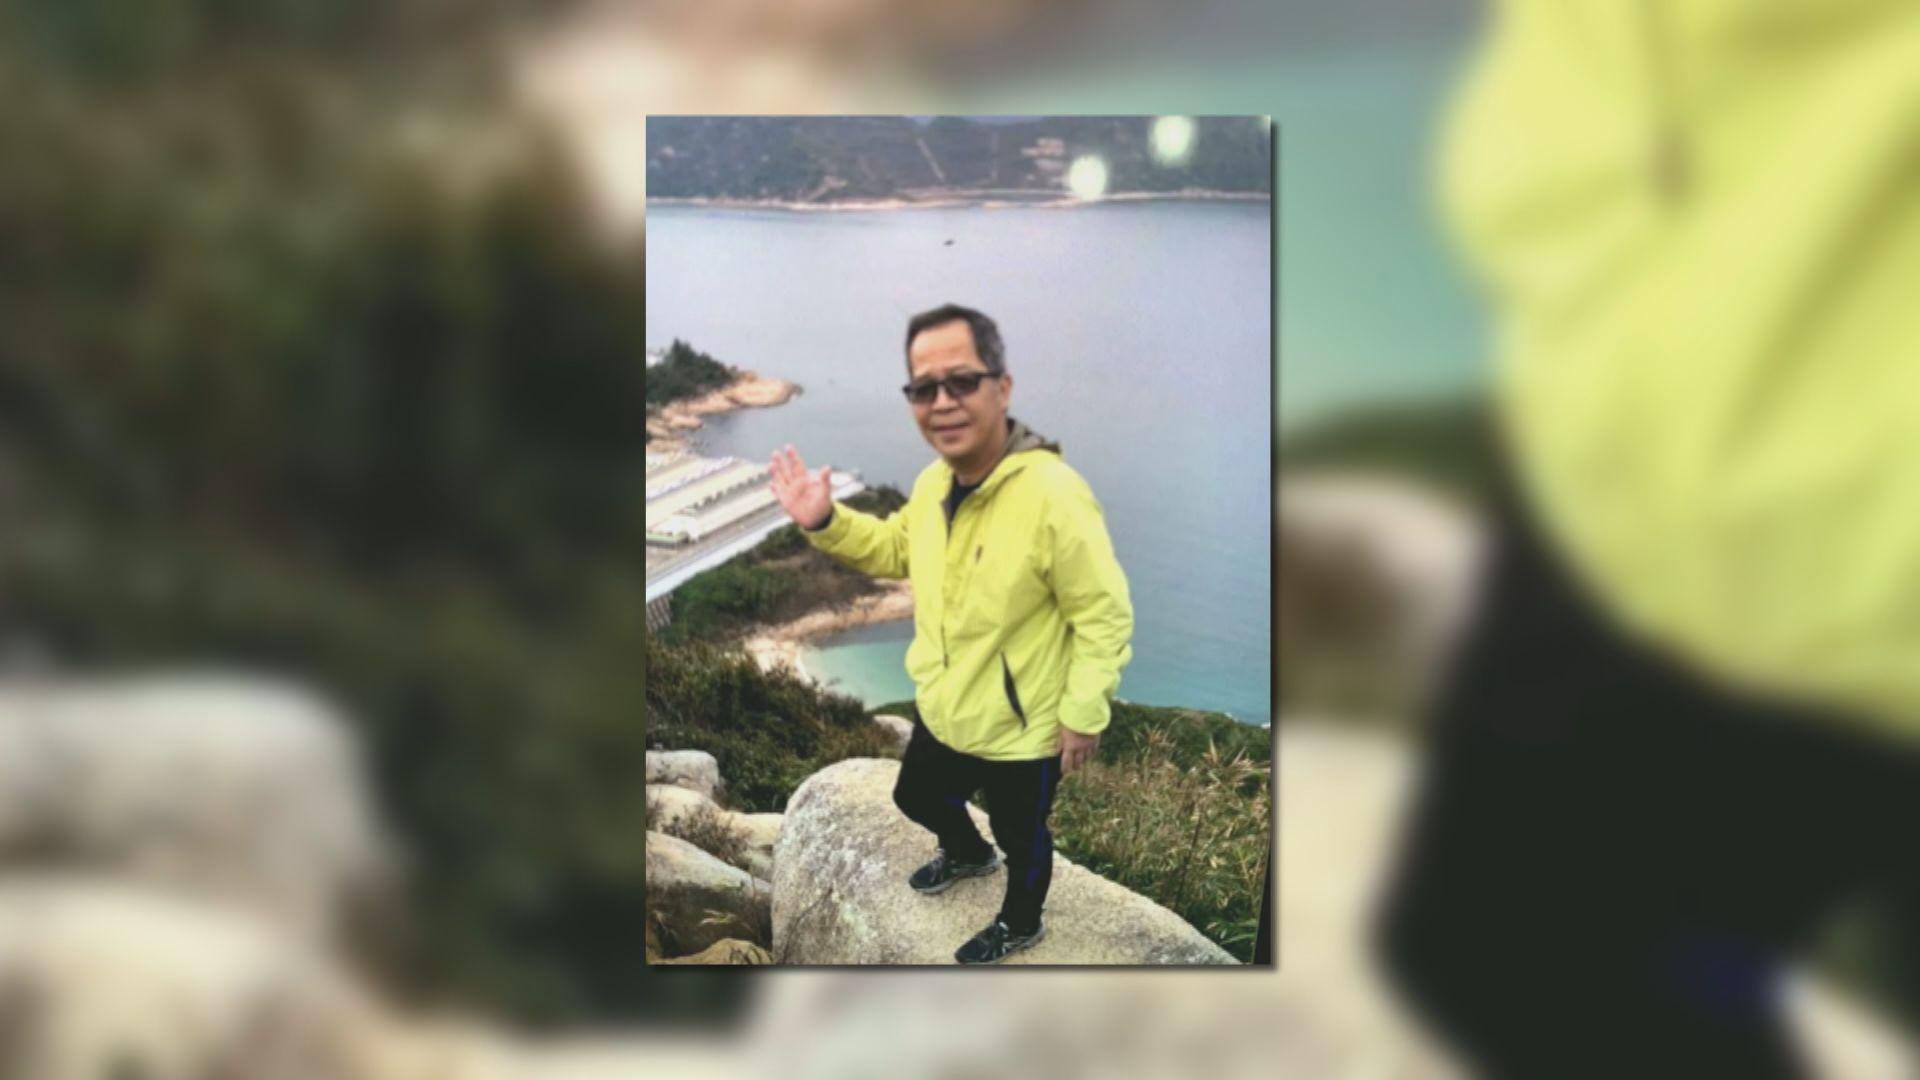 58歲男子飛鵝山行山失蹤 飛行服務隊出動搜索